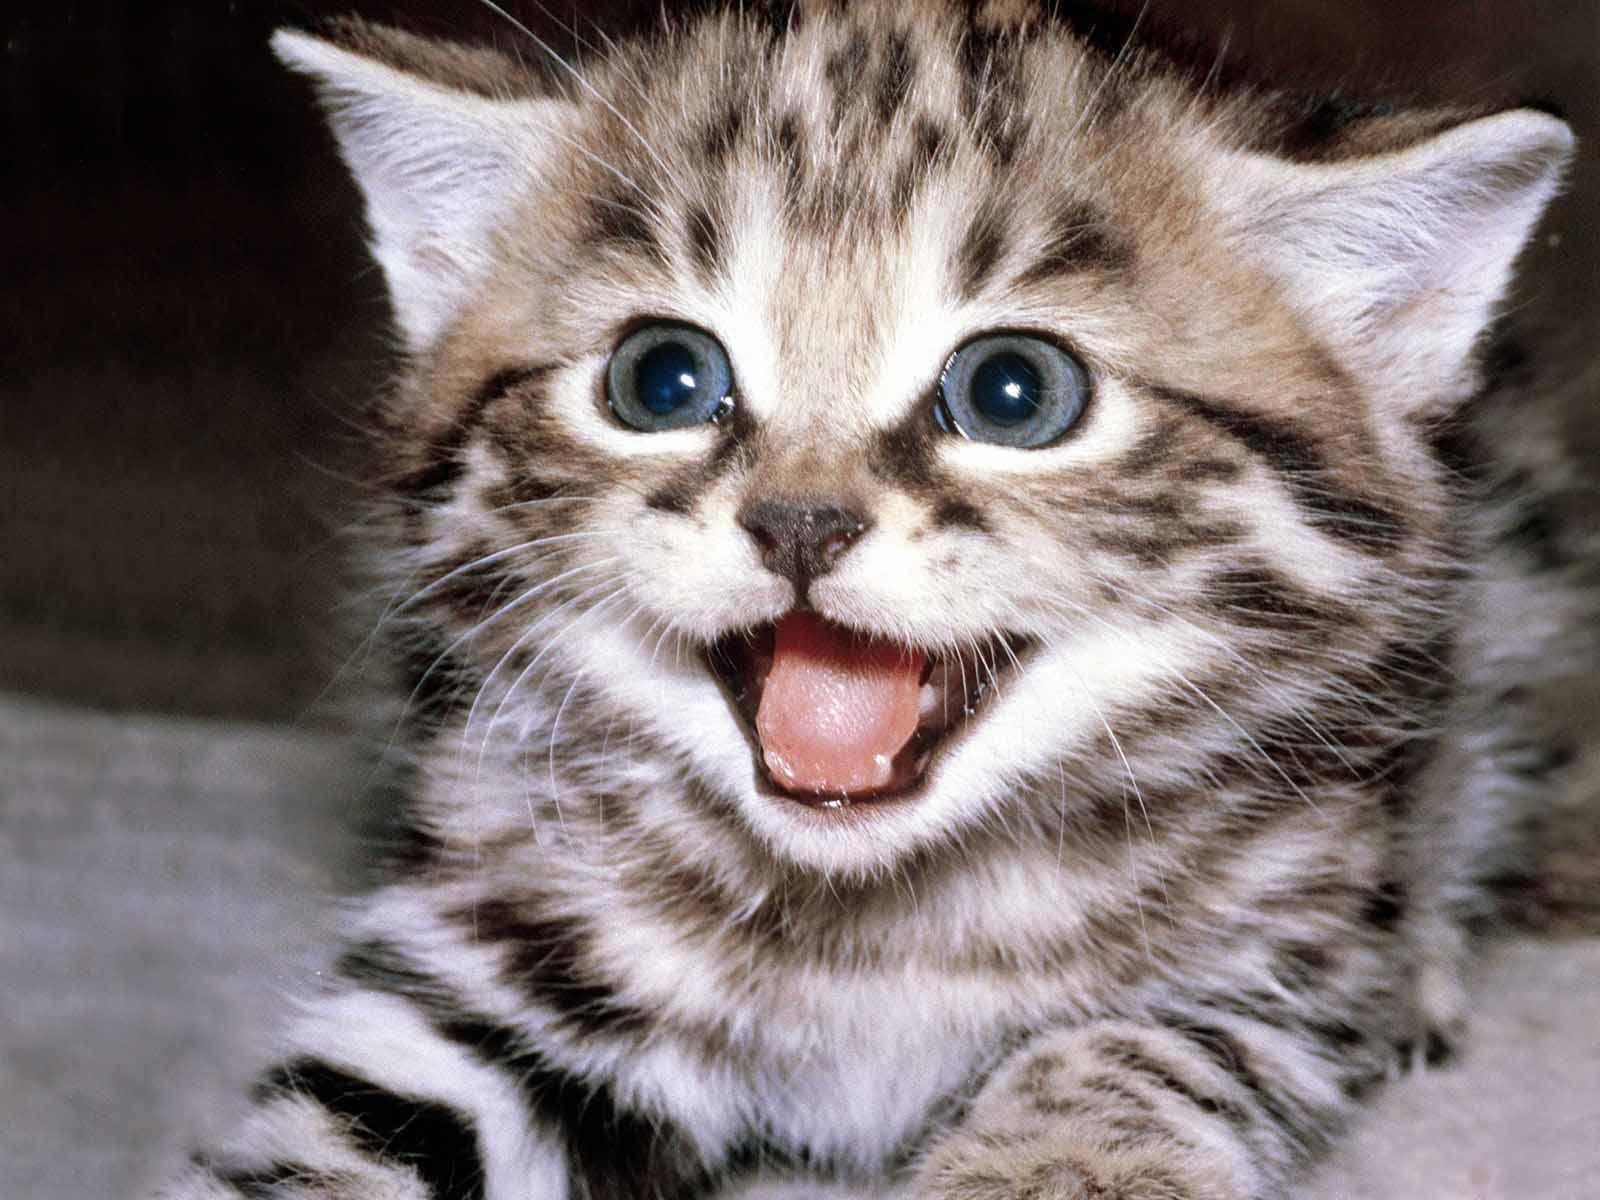 Katzenfutter: 10€ sparen ab 20€ Einkaufswert bei Amazon